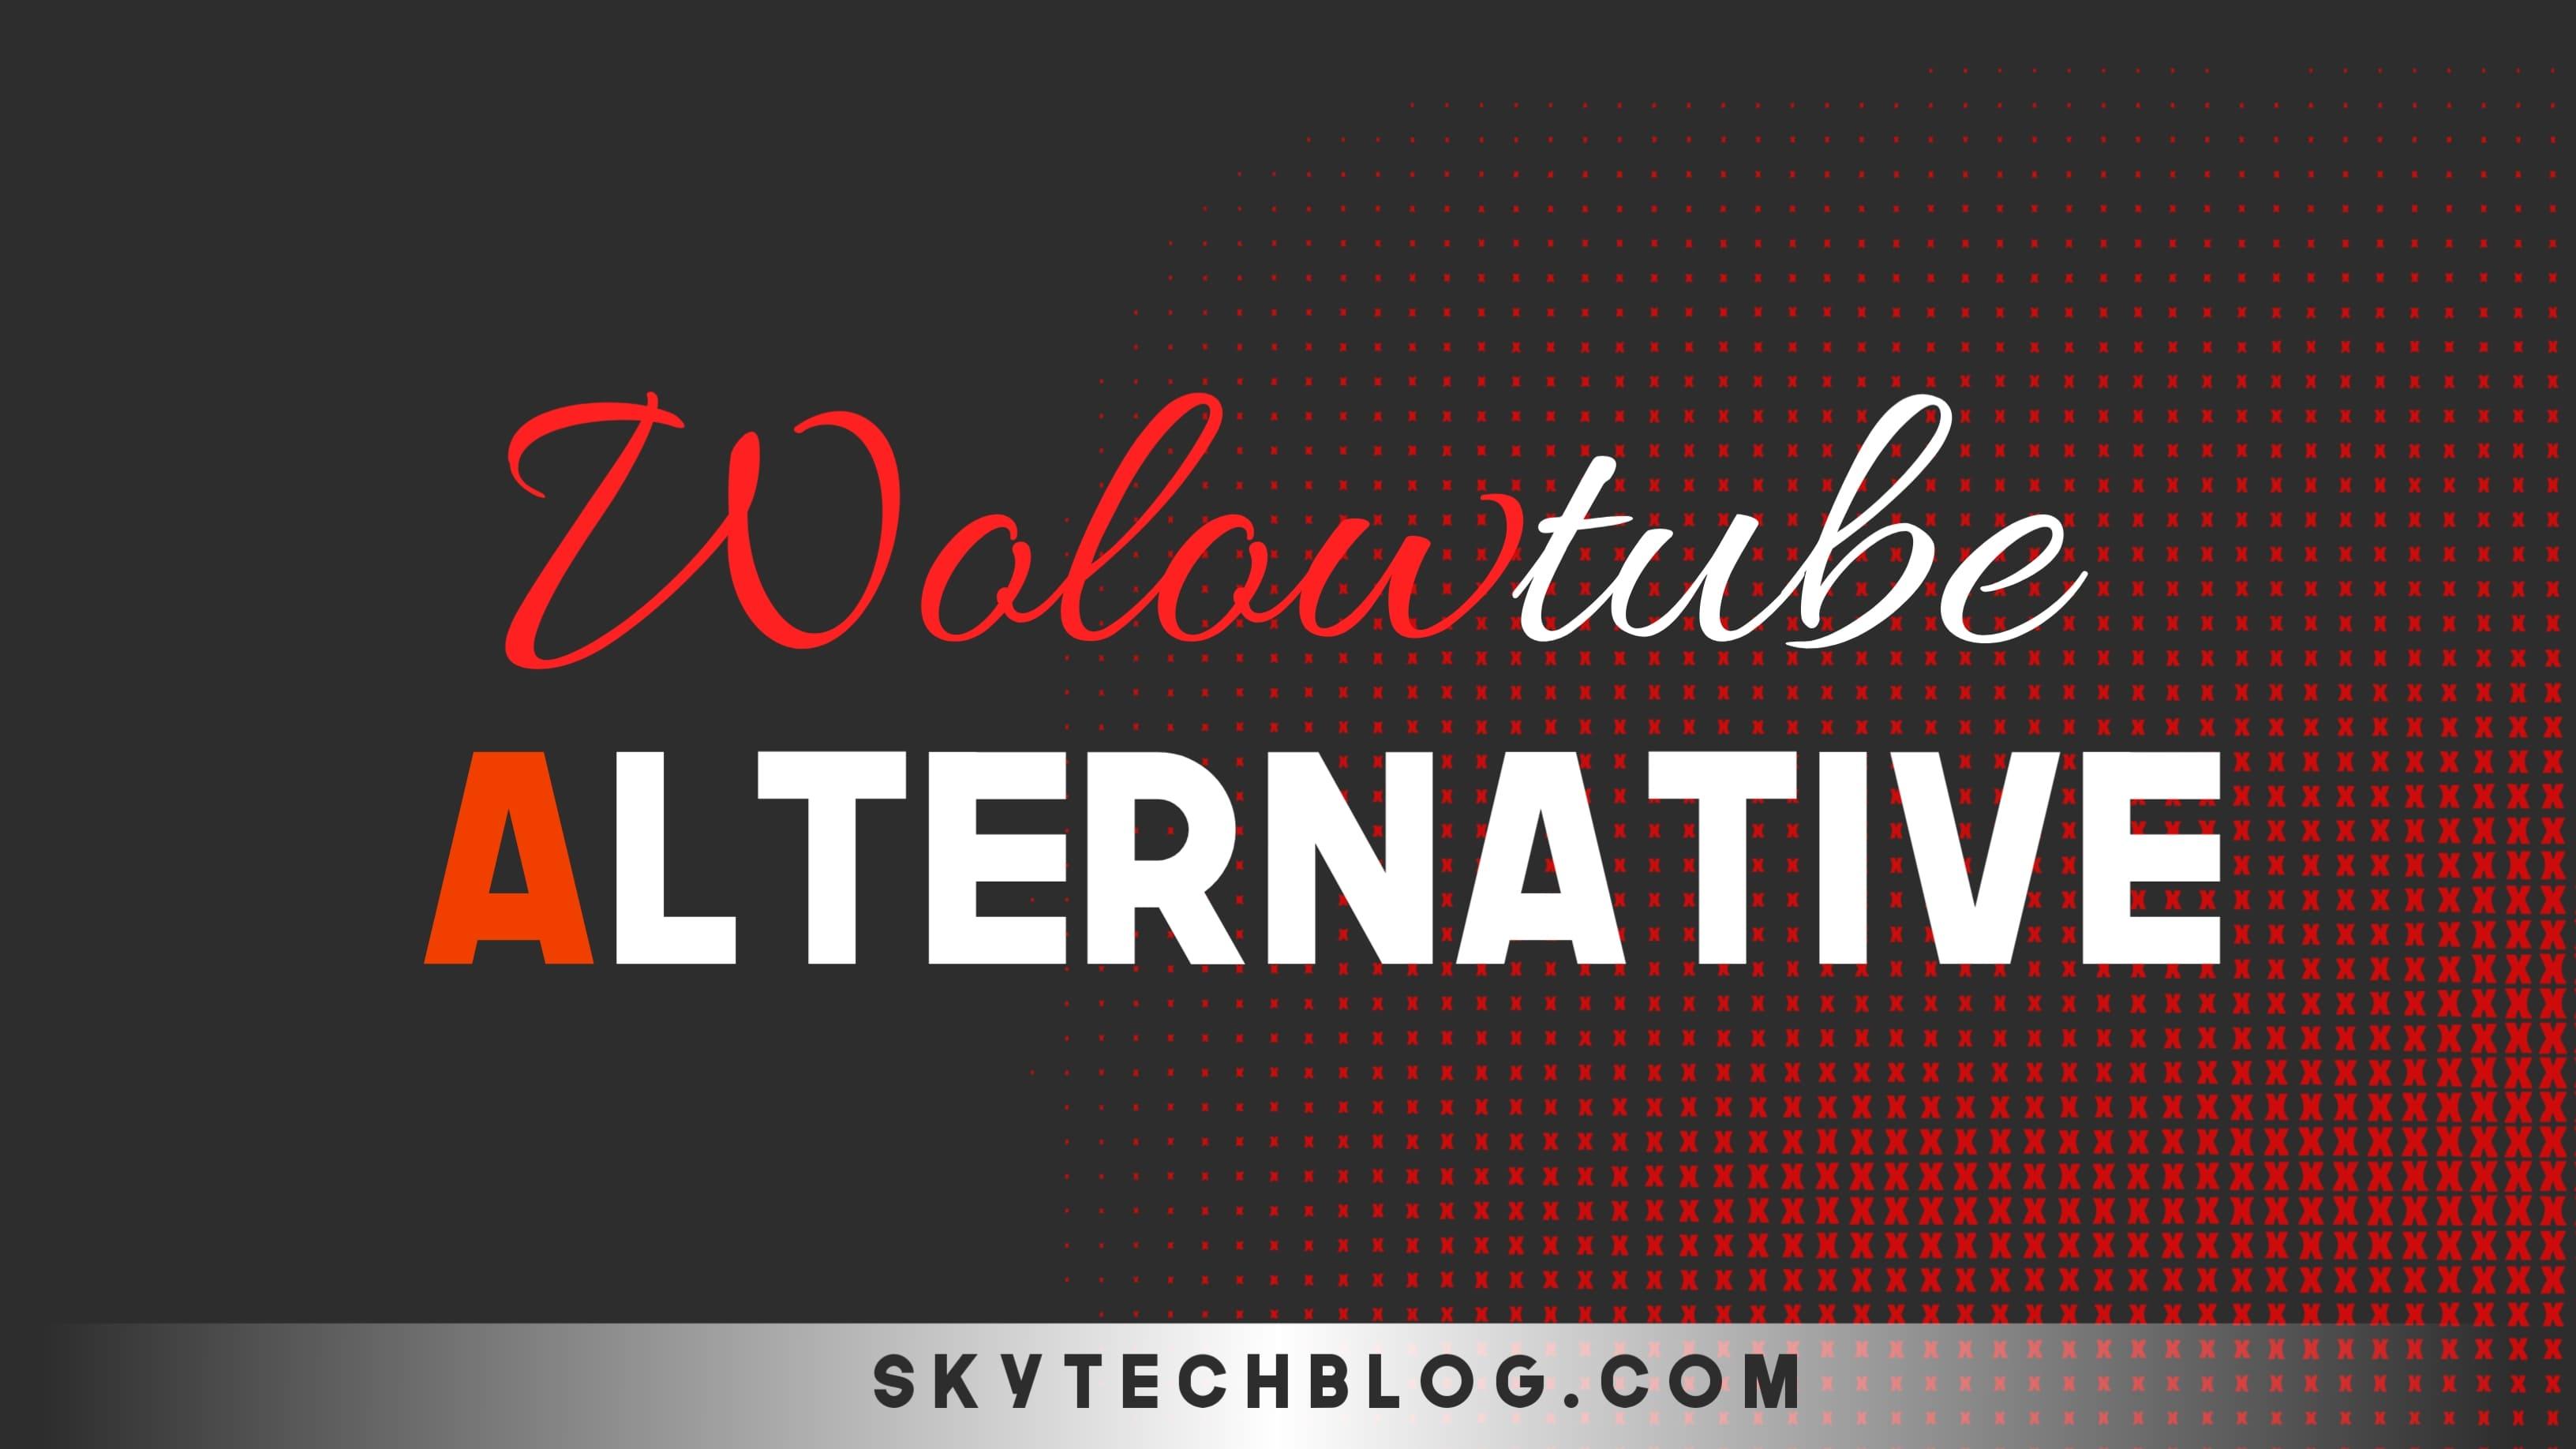 Wolowtube_Alternative